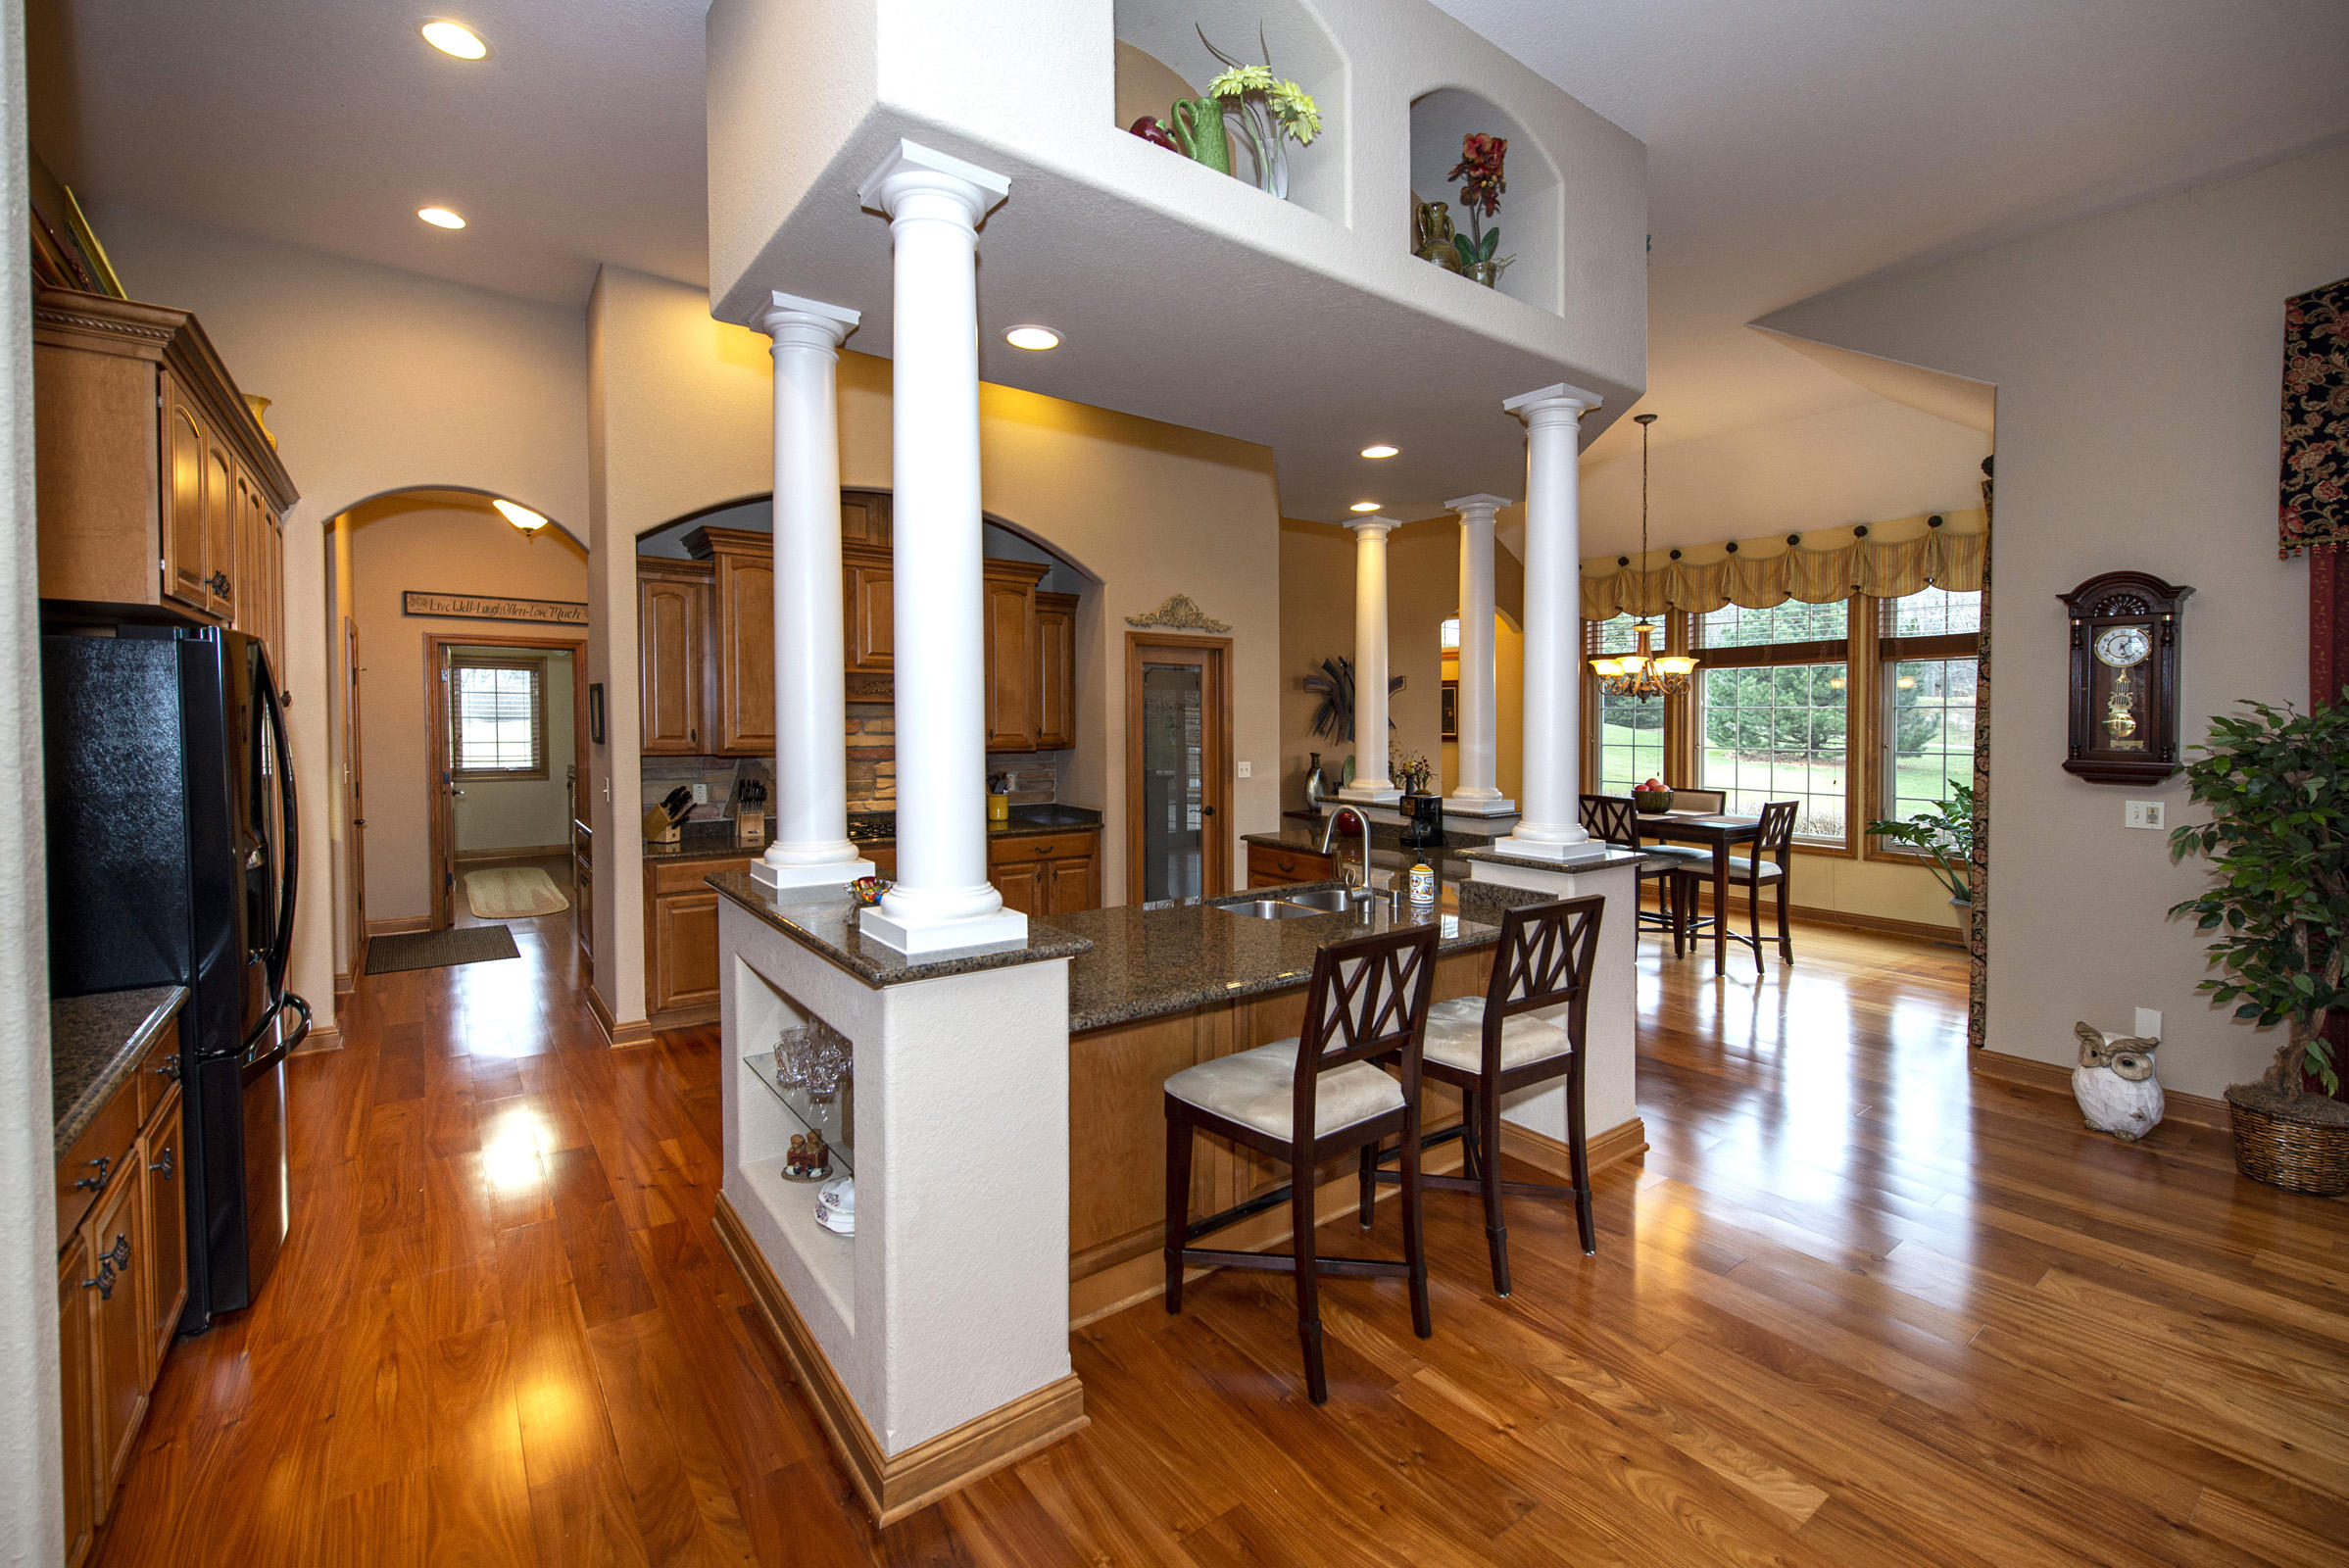 W283N6221 Hibritten Way, Merton, Wisconsin 53029, 4 Bedrooms Bedrooms, 11 Rooms Rooms,3 BathroomsBathrooms,Single-family,For Sale,Hibritten Way,1721295